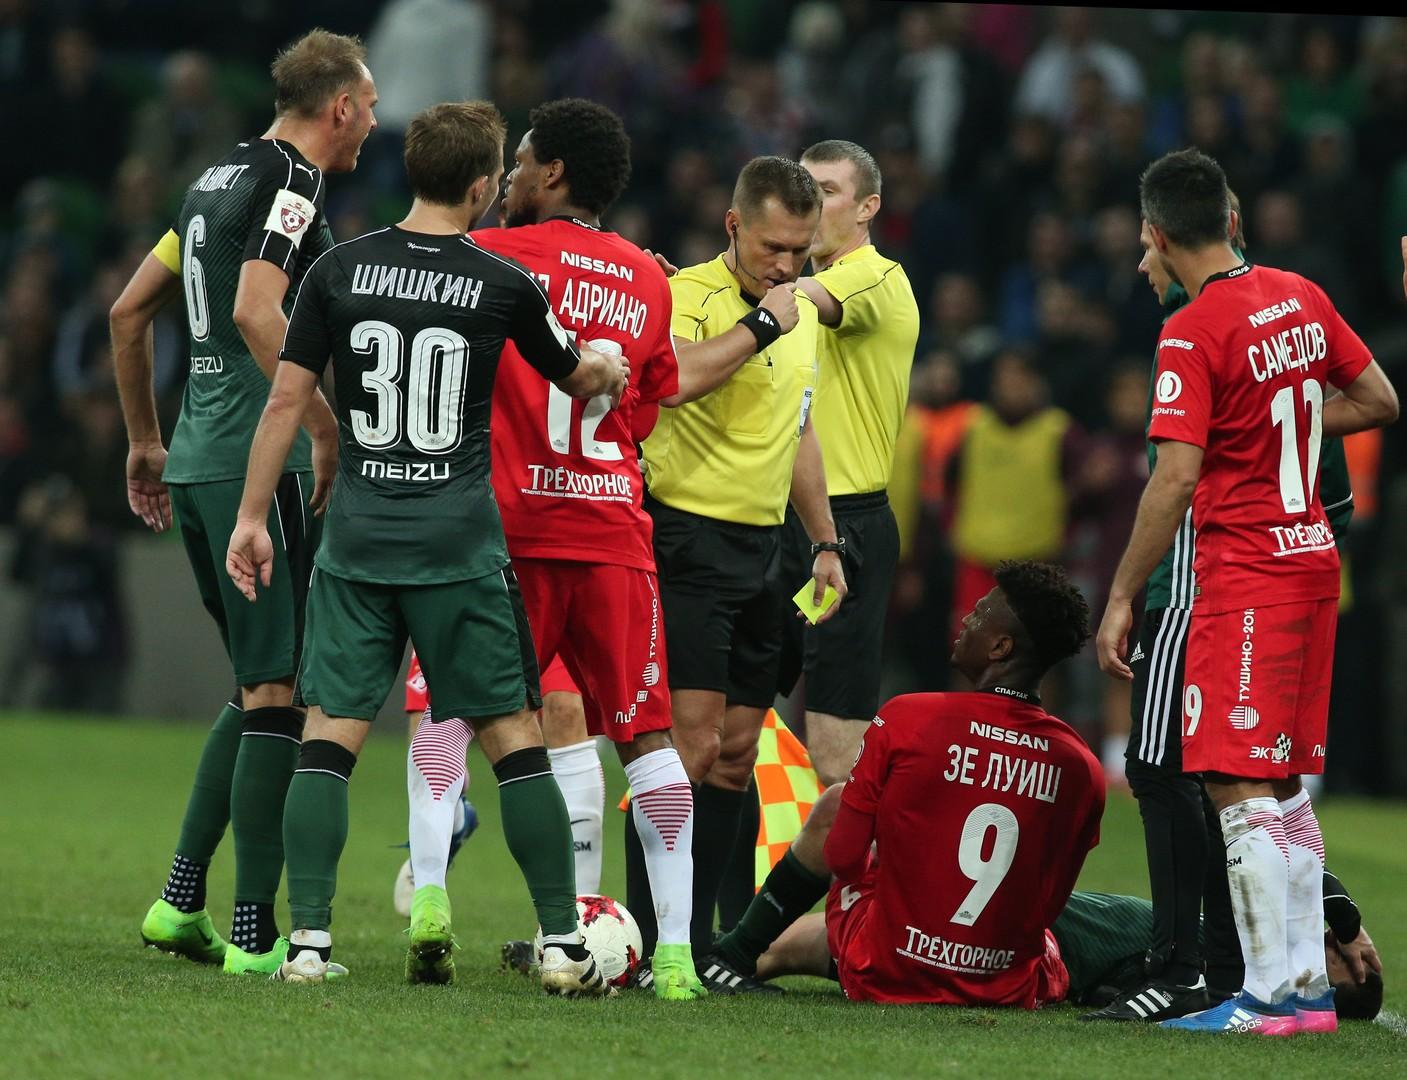 «Я бы увёл команду с поля»: реакция на судейство в матче «Краснодар» — «Спартак»